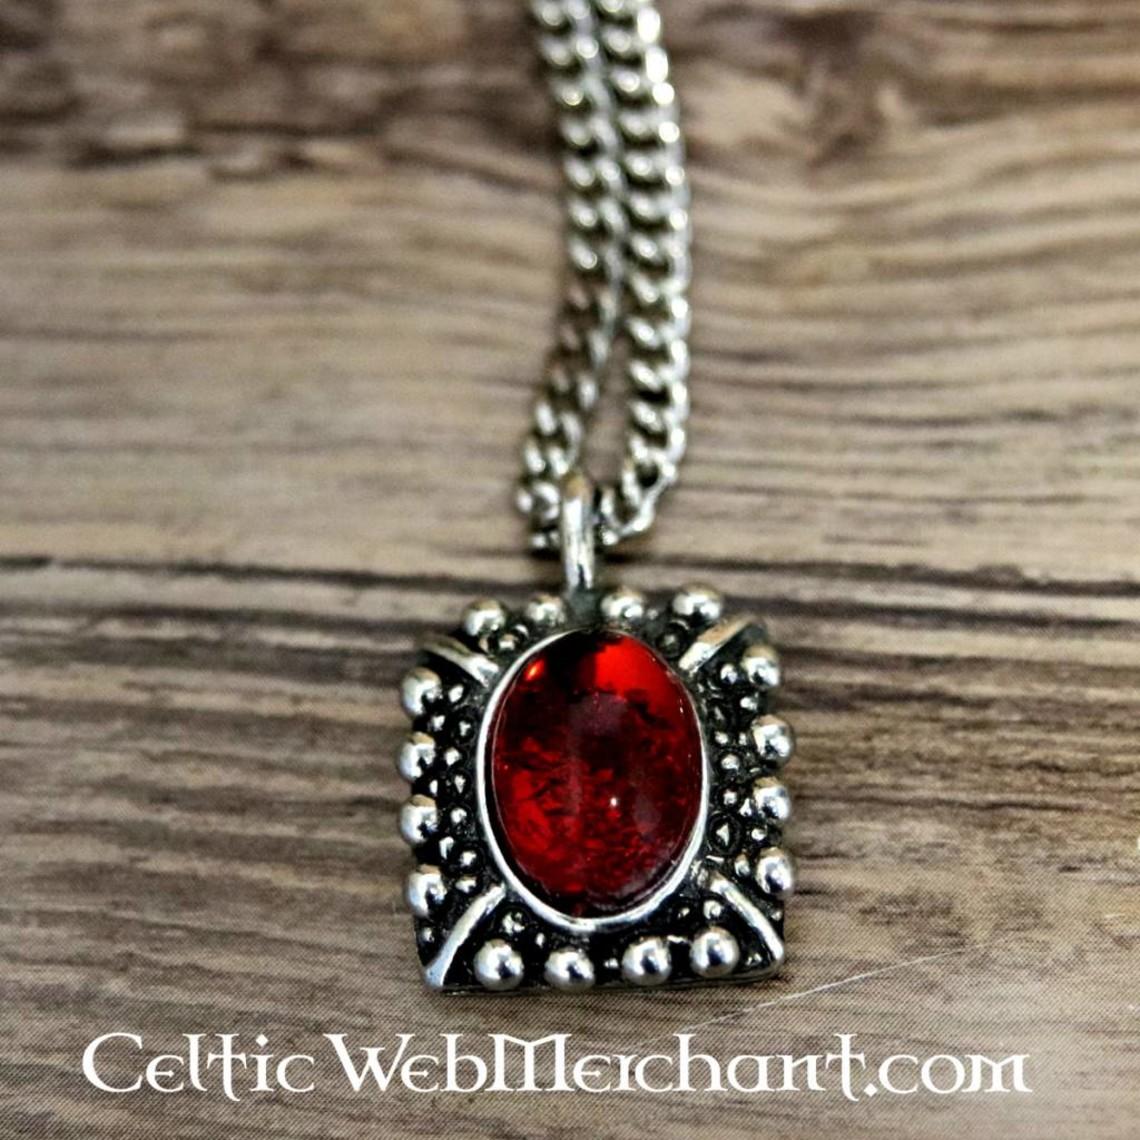 Tudor naszyjnik Elisabeth, czerwony klejnot, posrebrzane